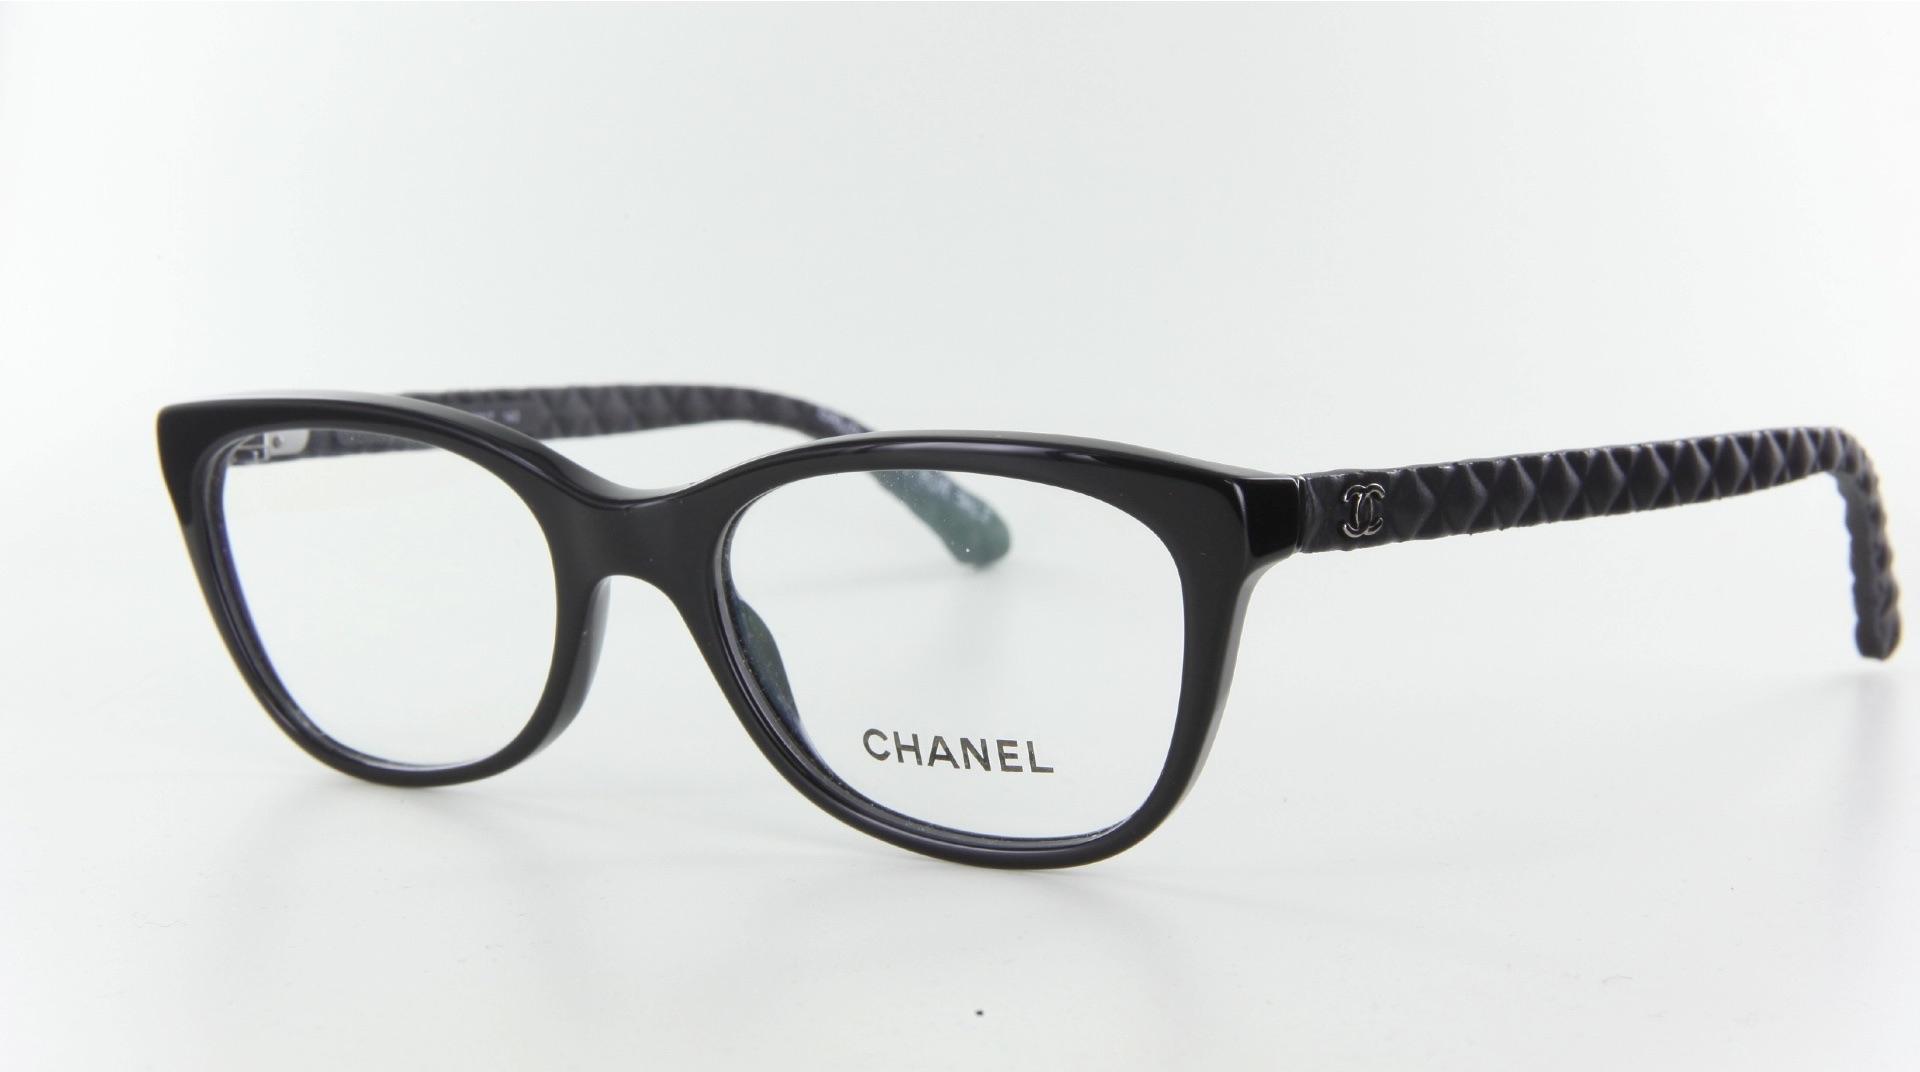 Chanel - ref: 71080